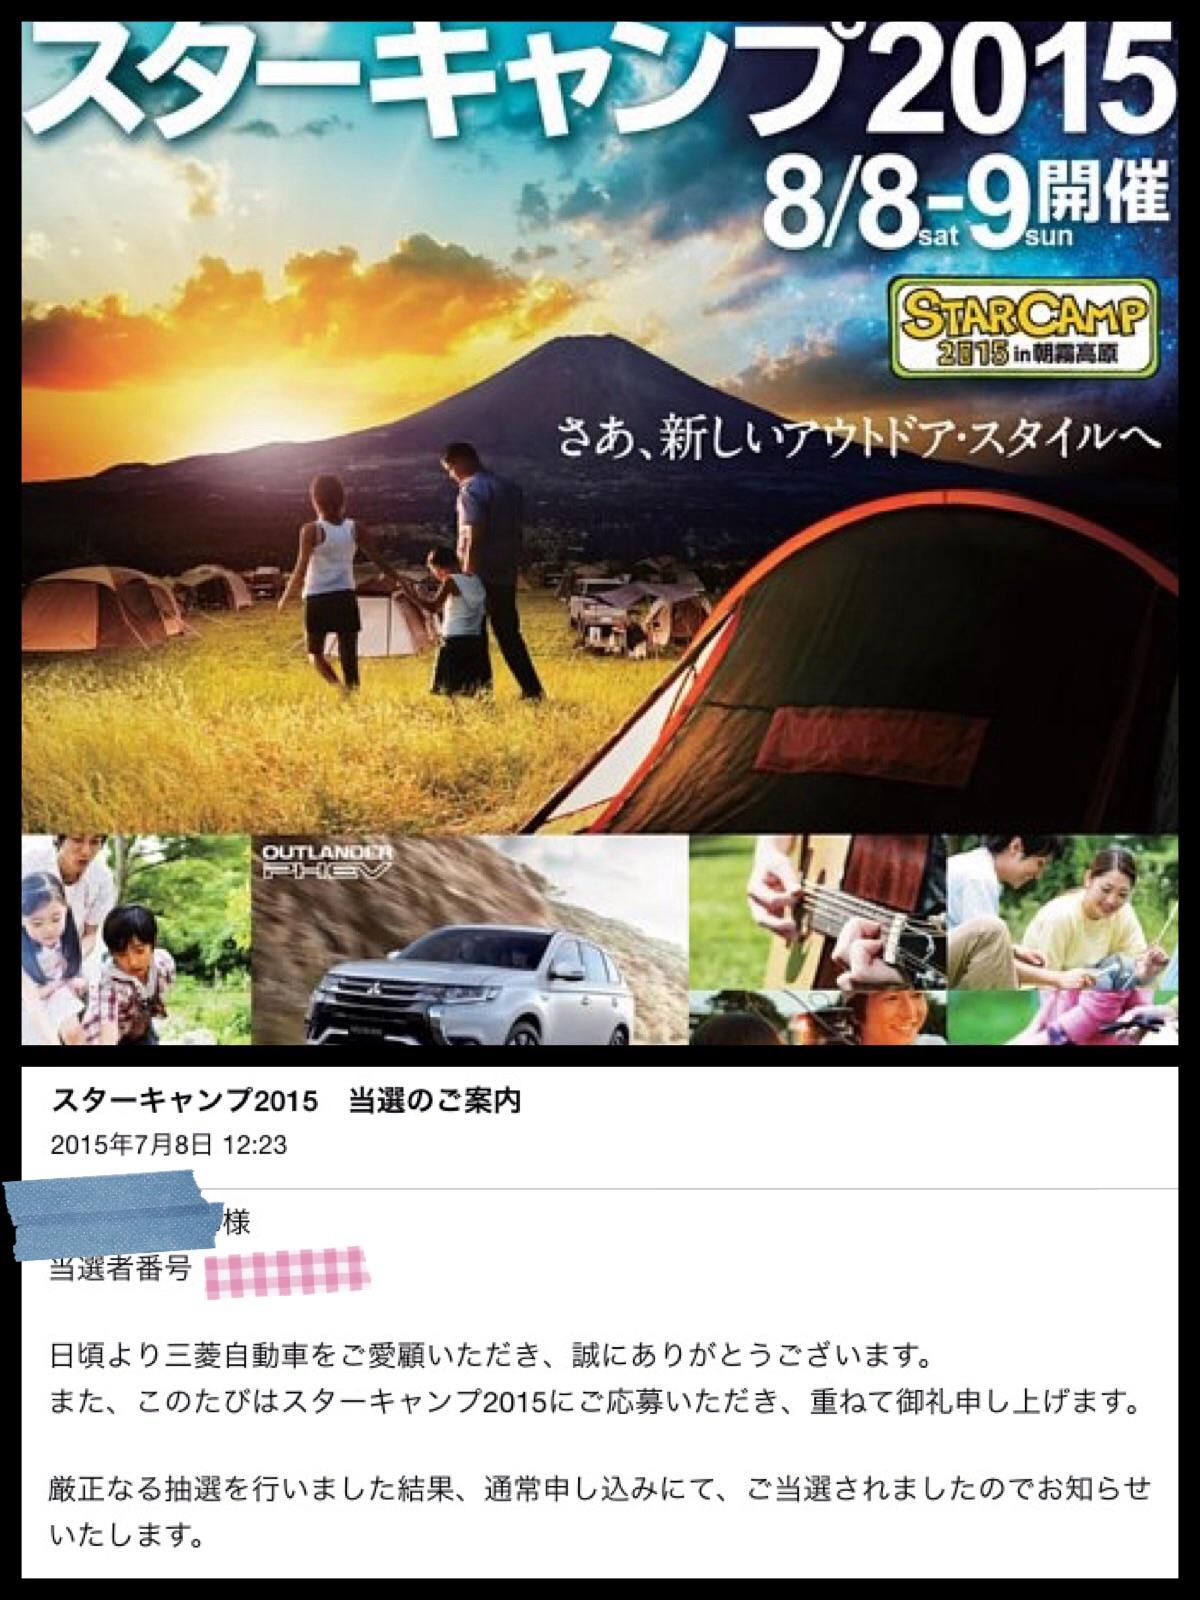 三菱スターキャンプ2015当選通知が